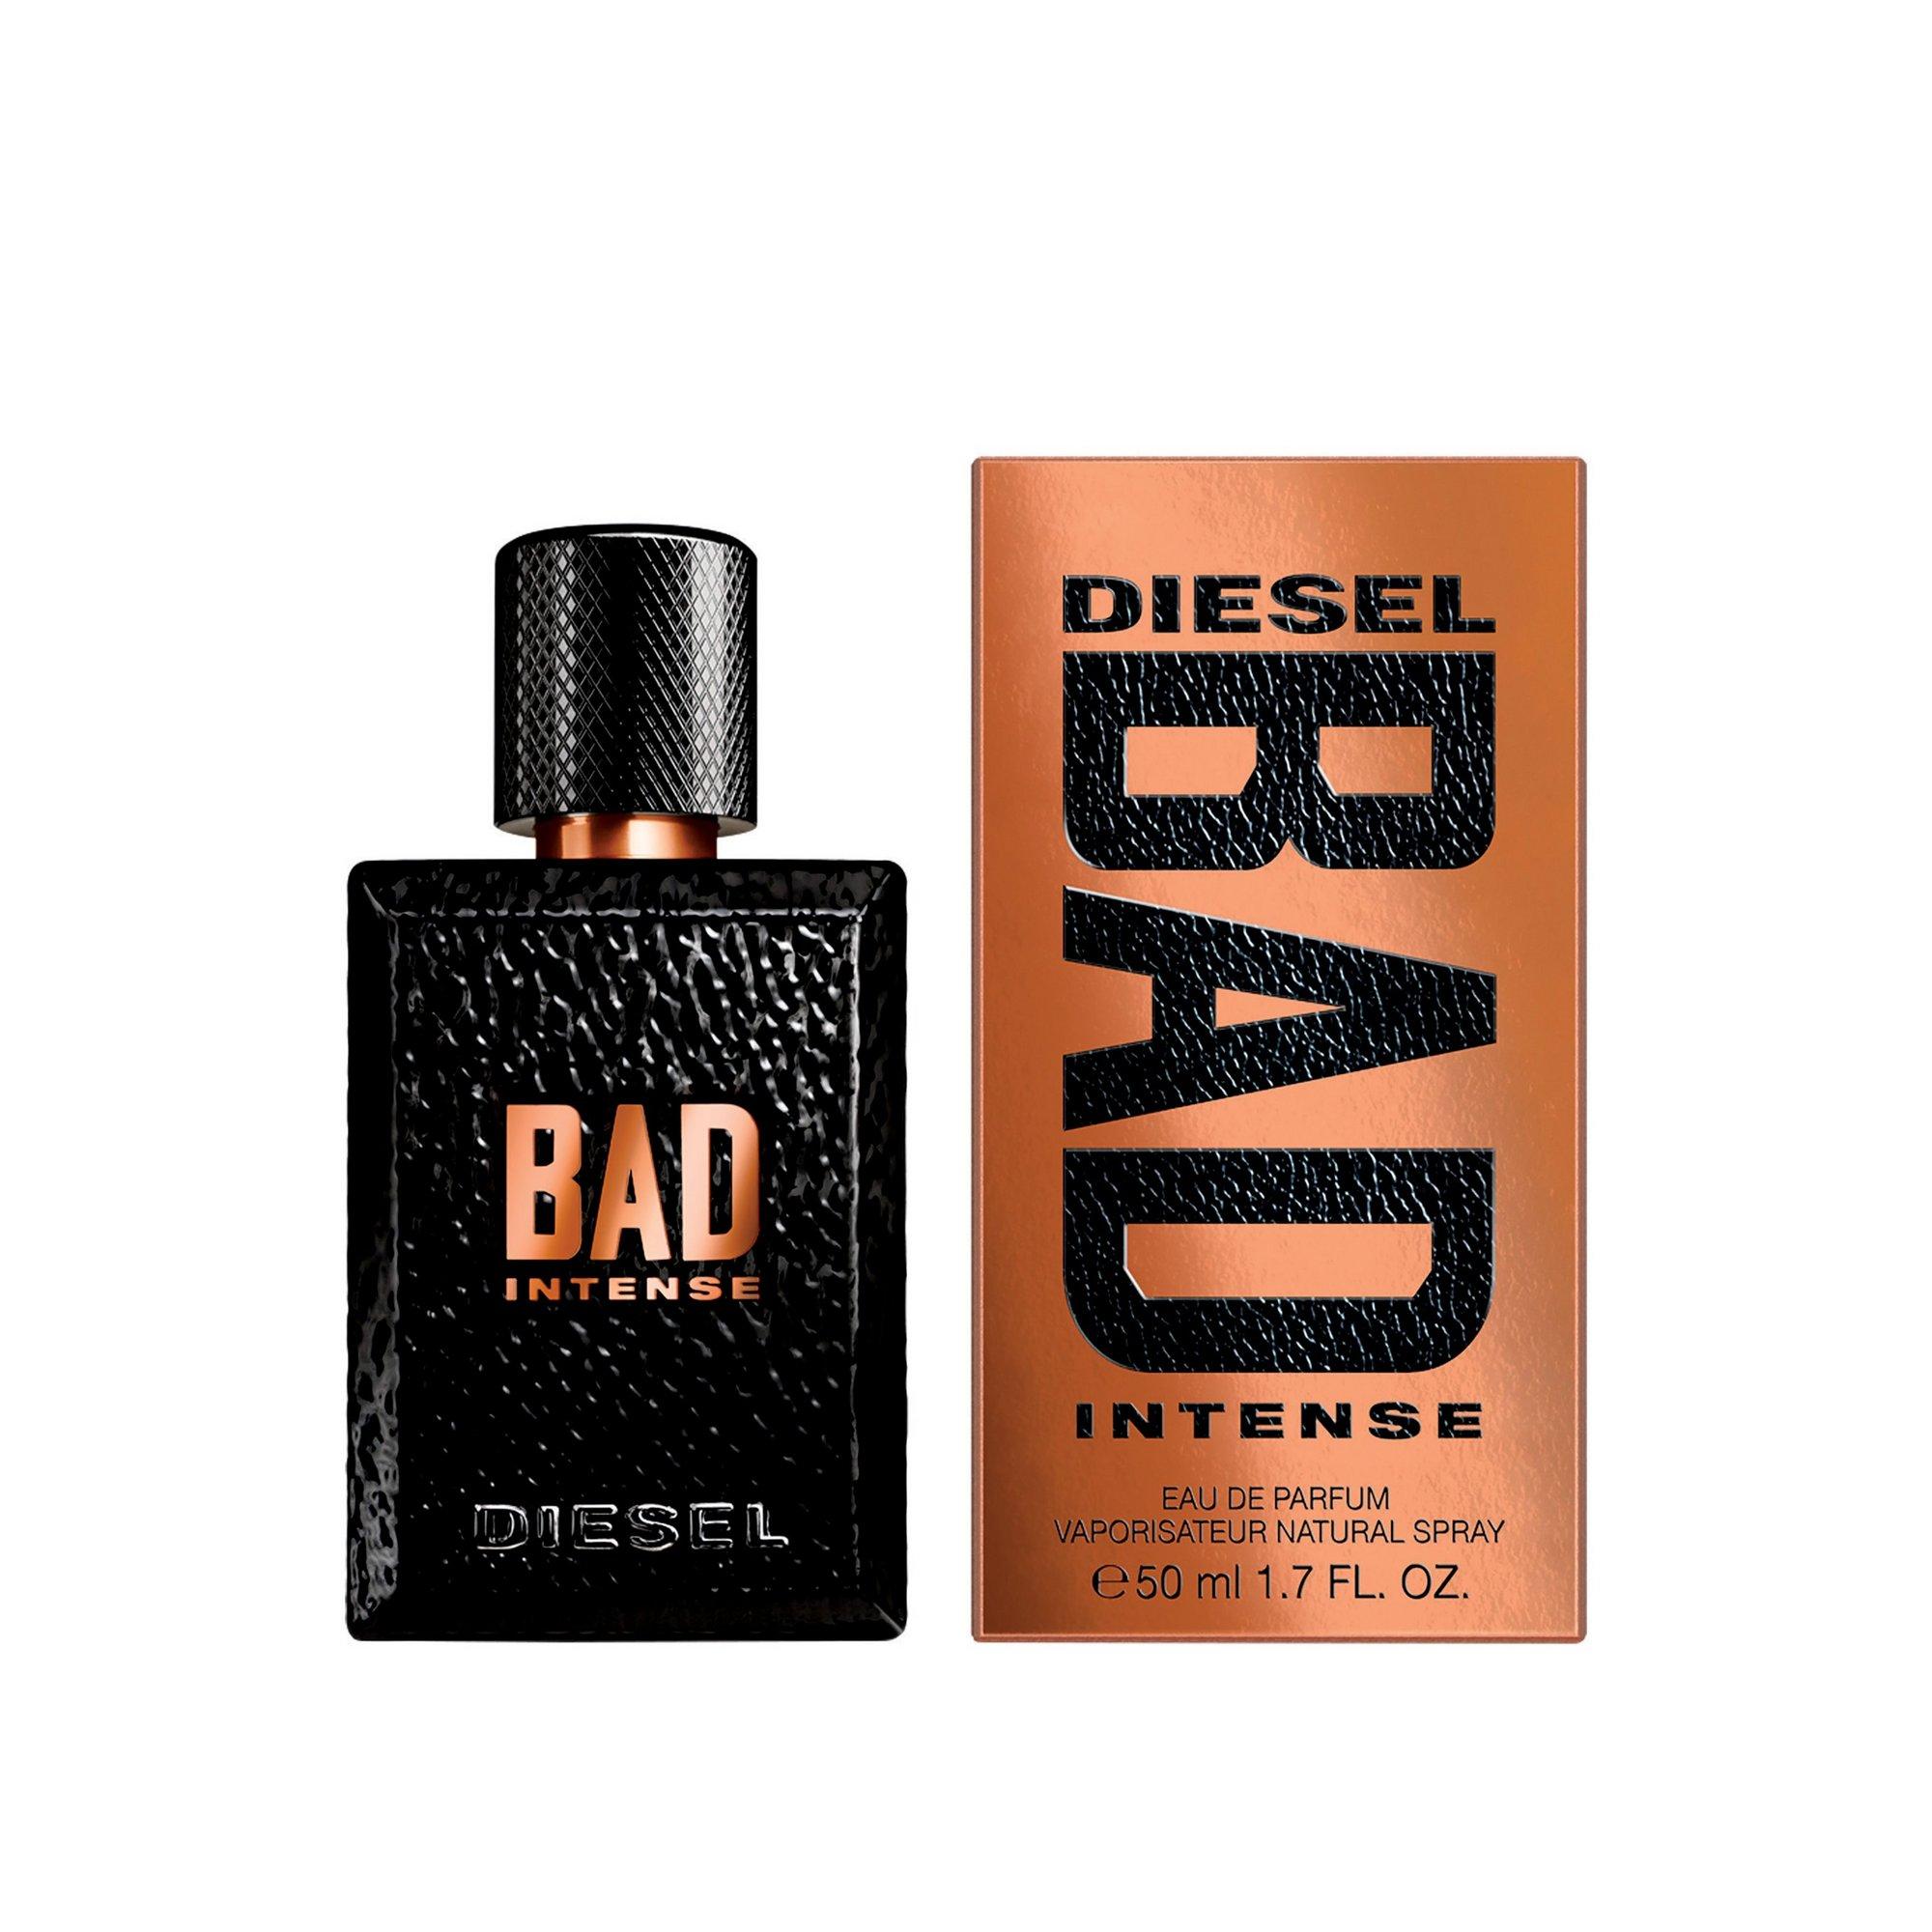 Image of Diesel Bad Intense 50ml EDP